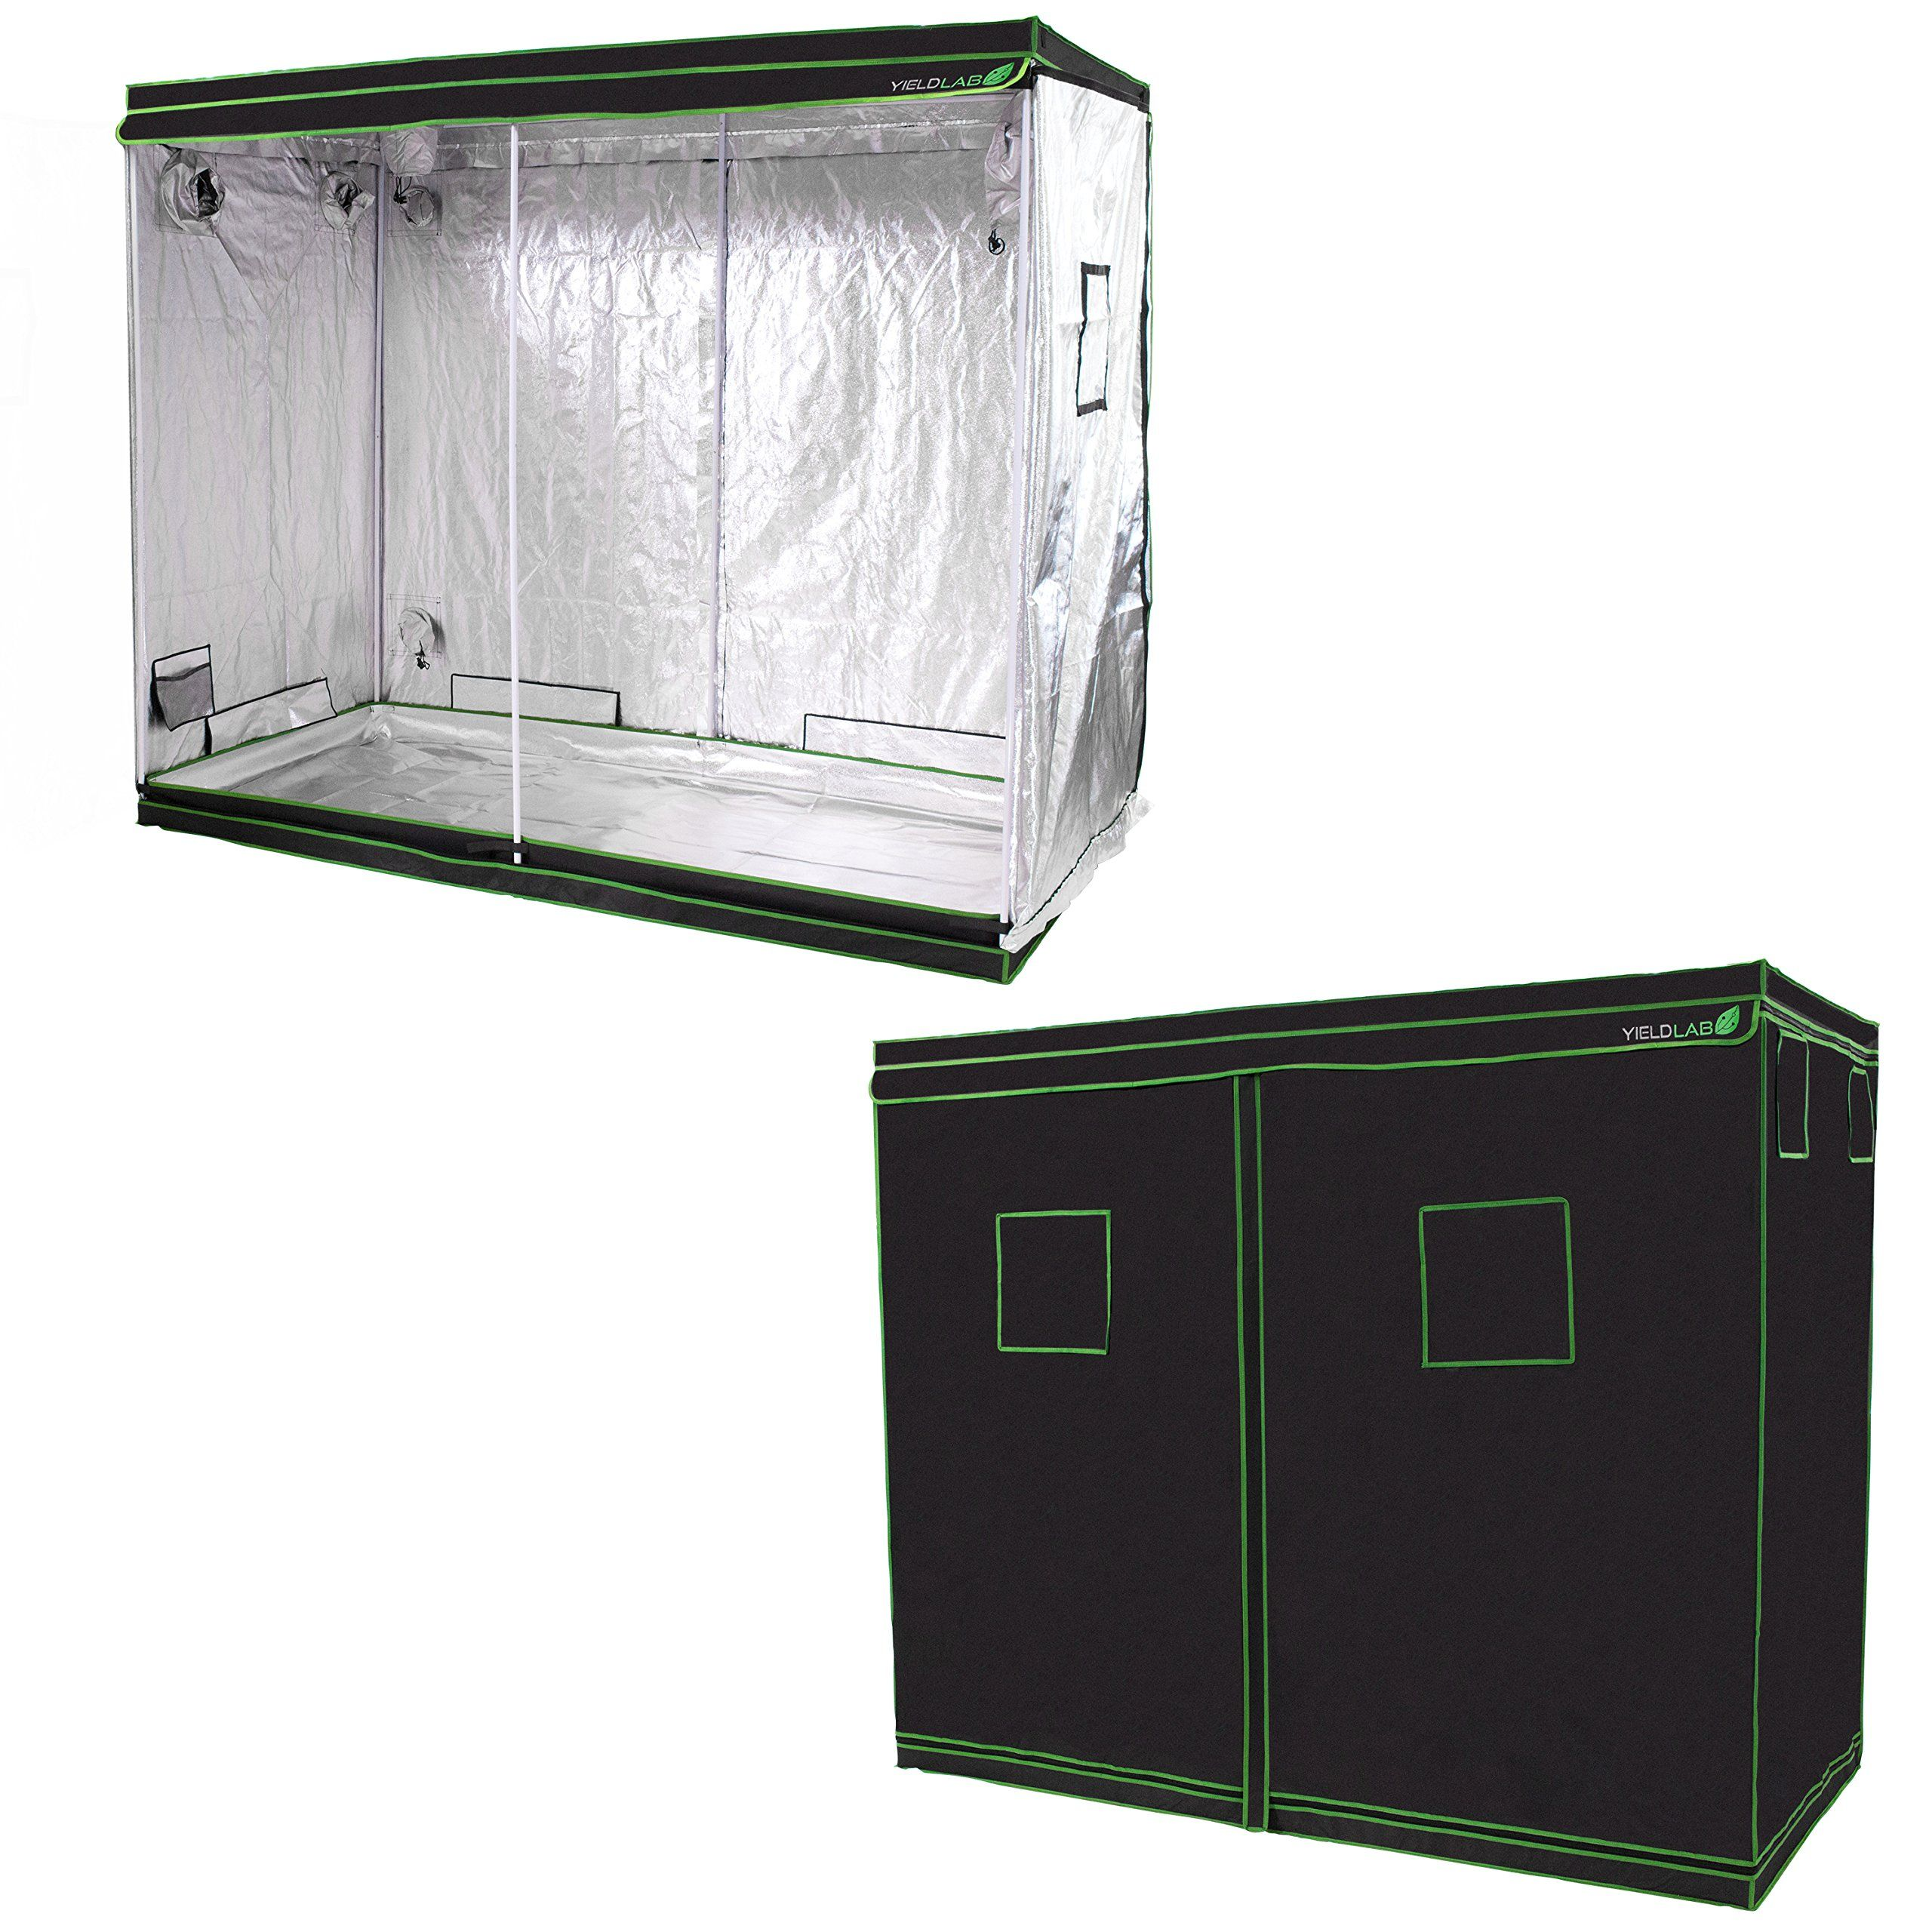 TopoLite 24x24x48 Indoor Grow Tent Hydroponic Growing Dark Room Green Box with Viewing Window